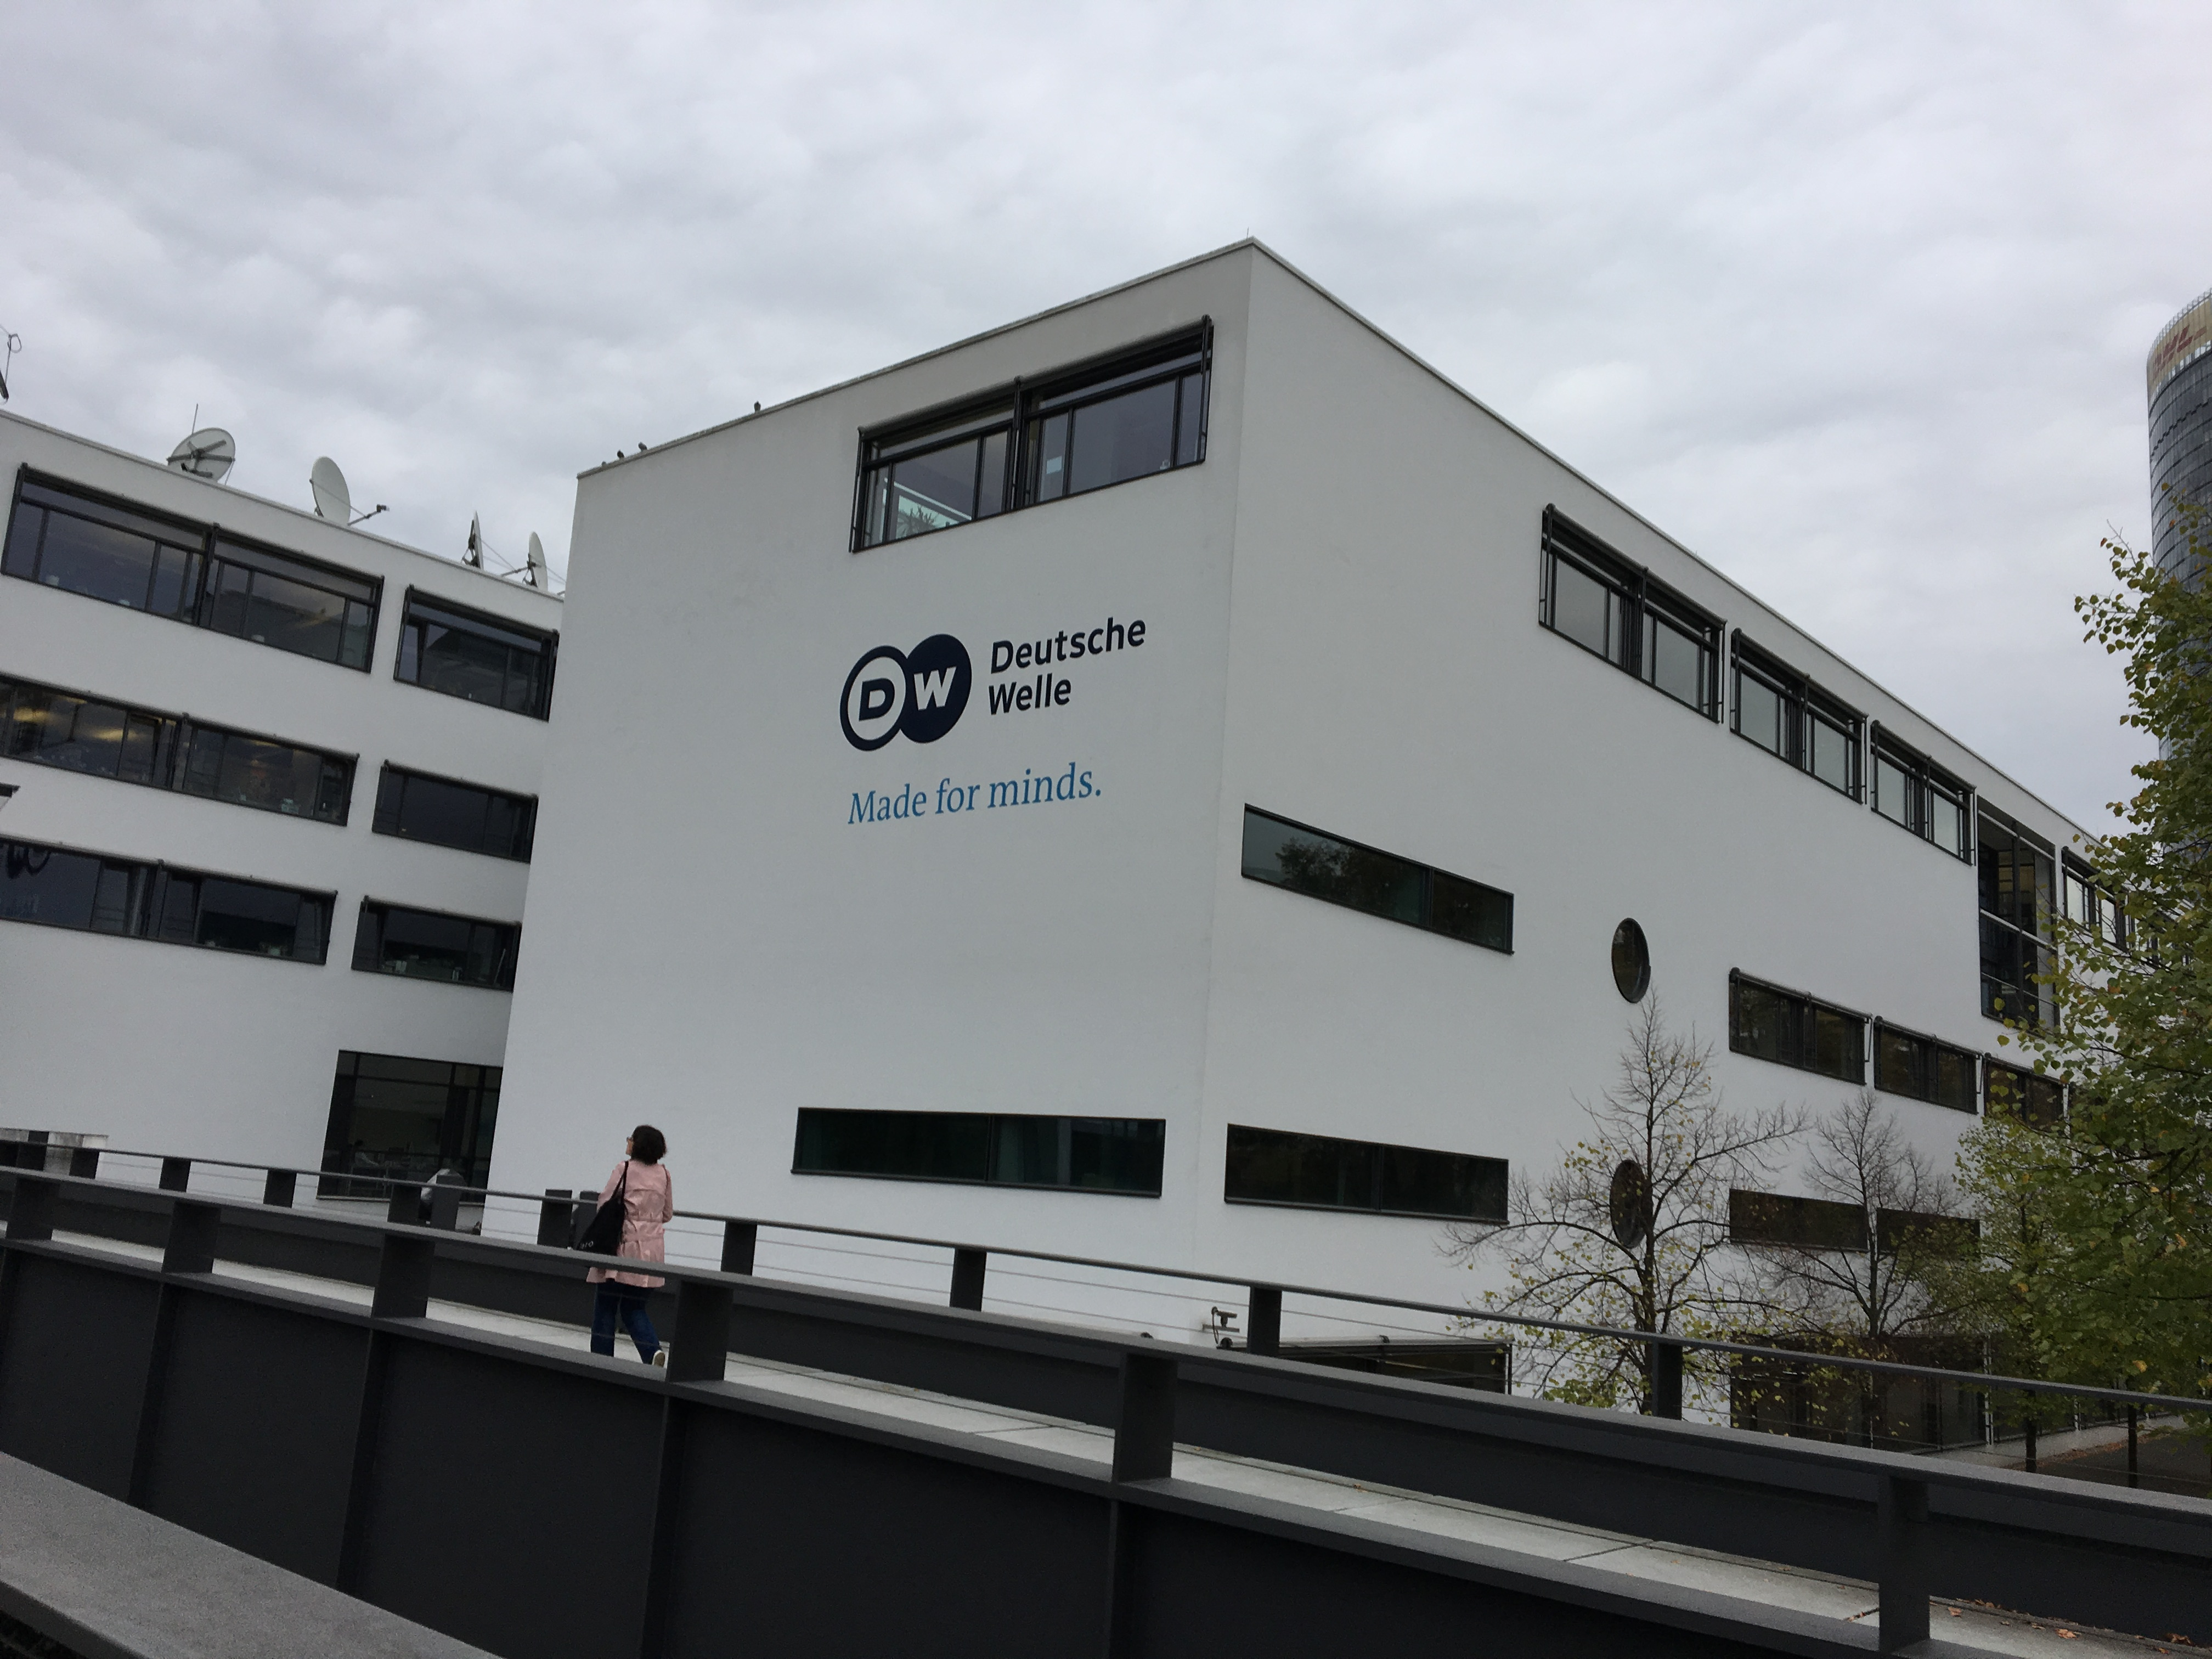 Büro der Deutschen Welle in Bonn